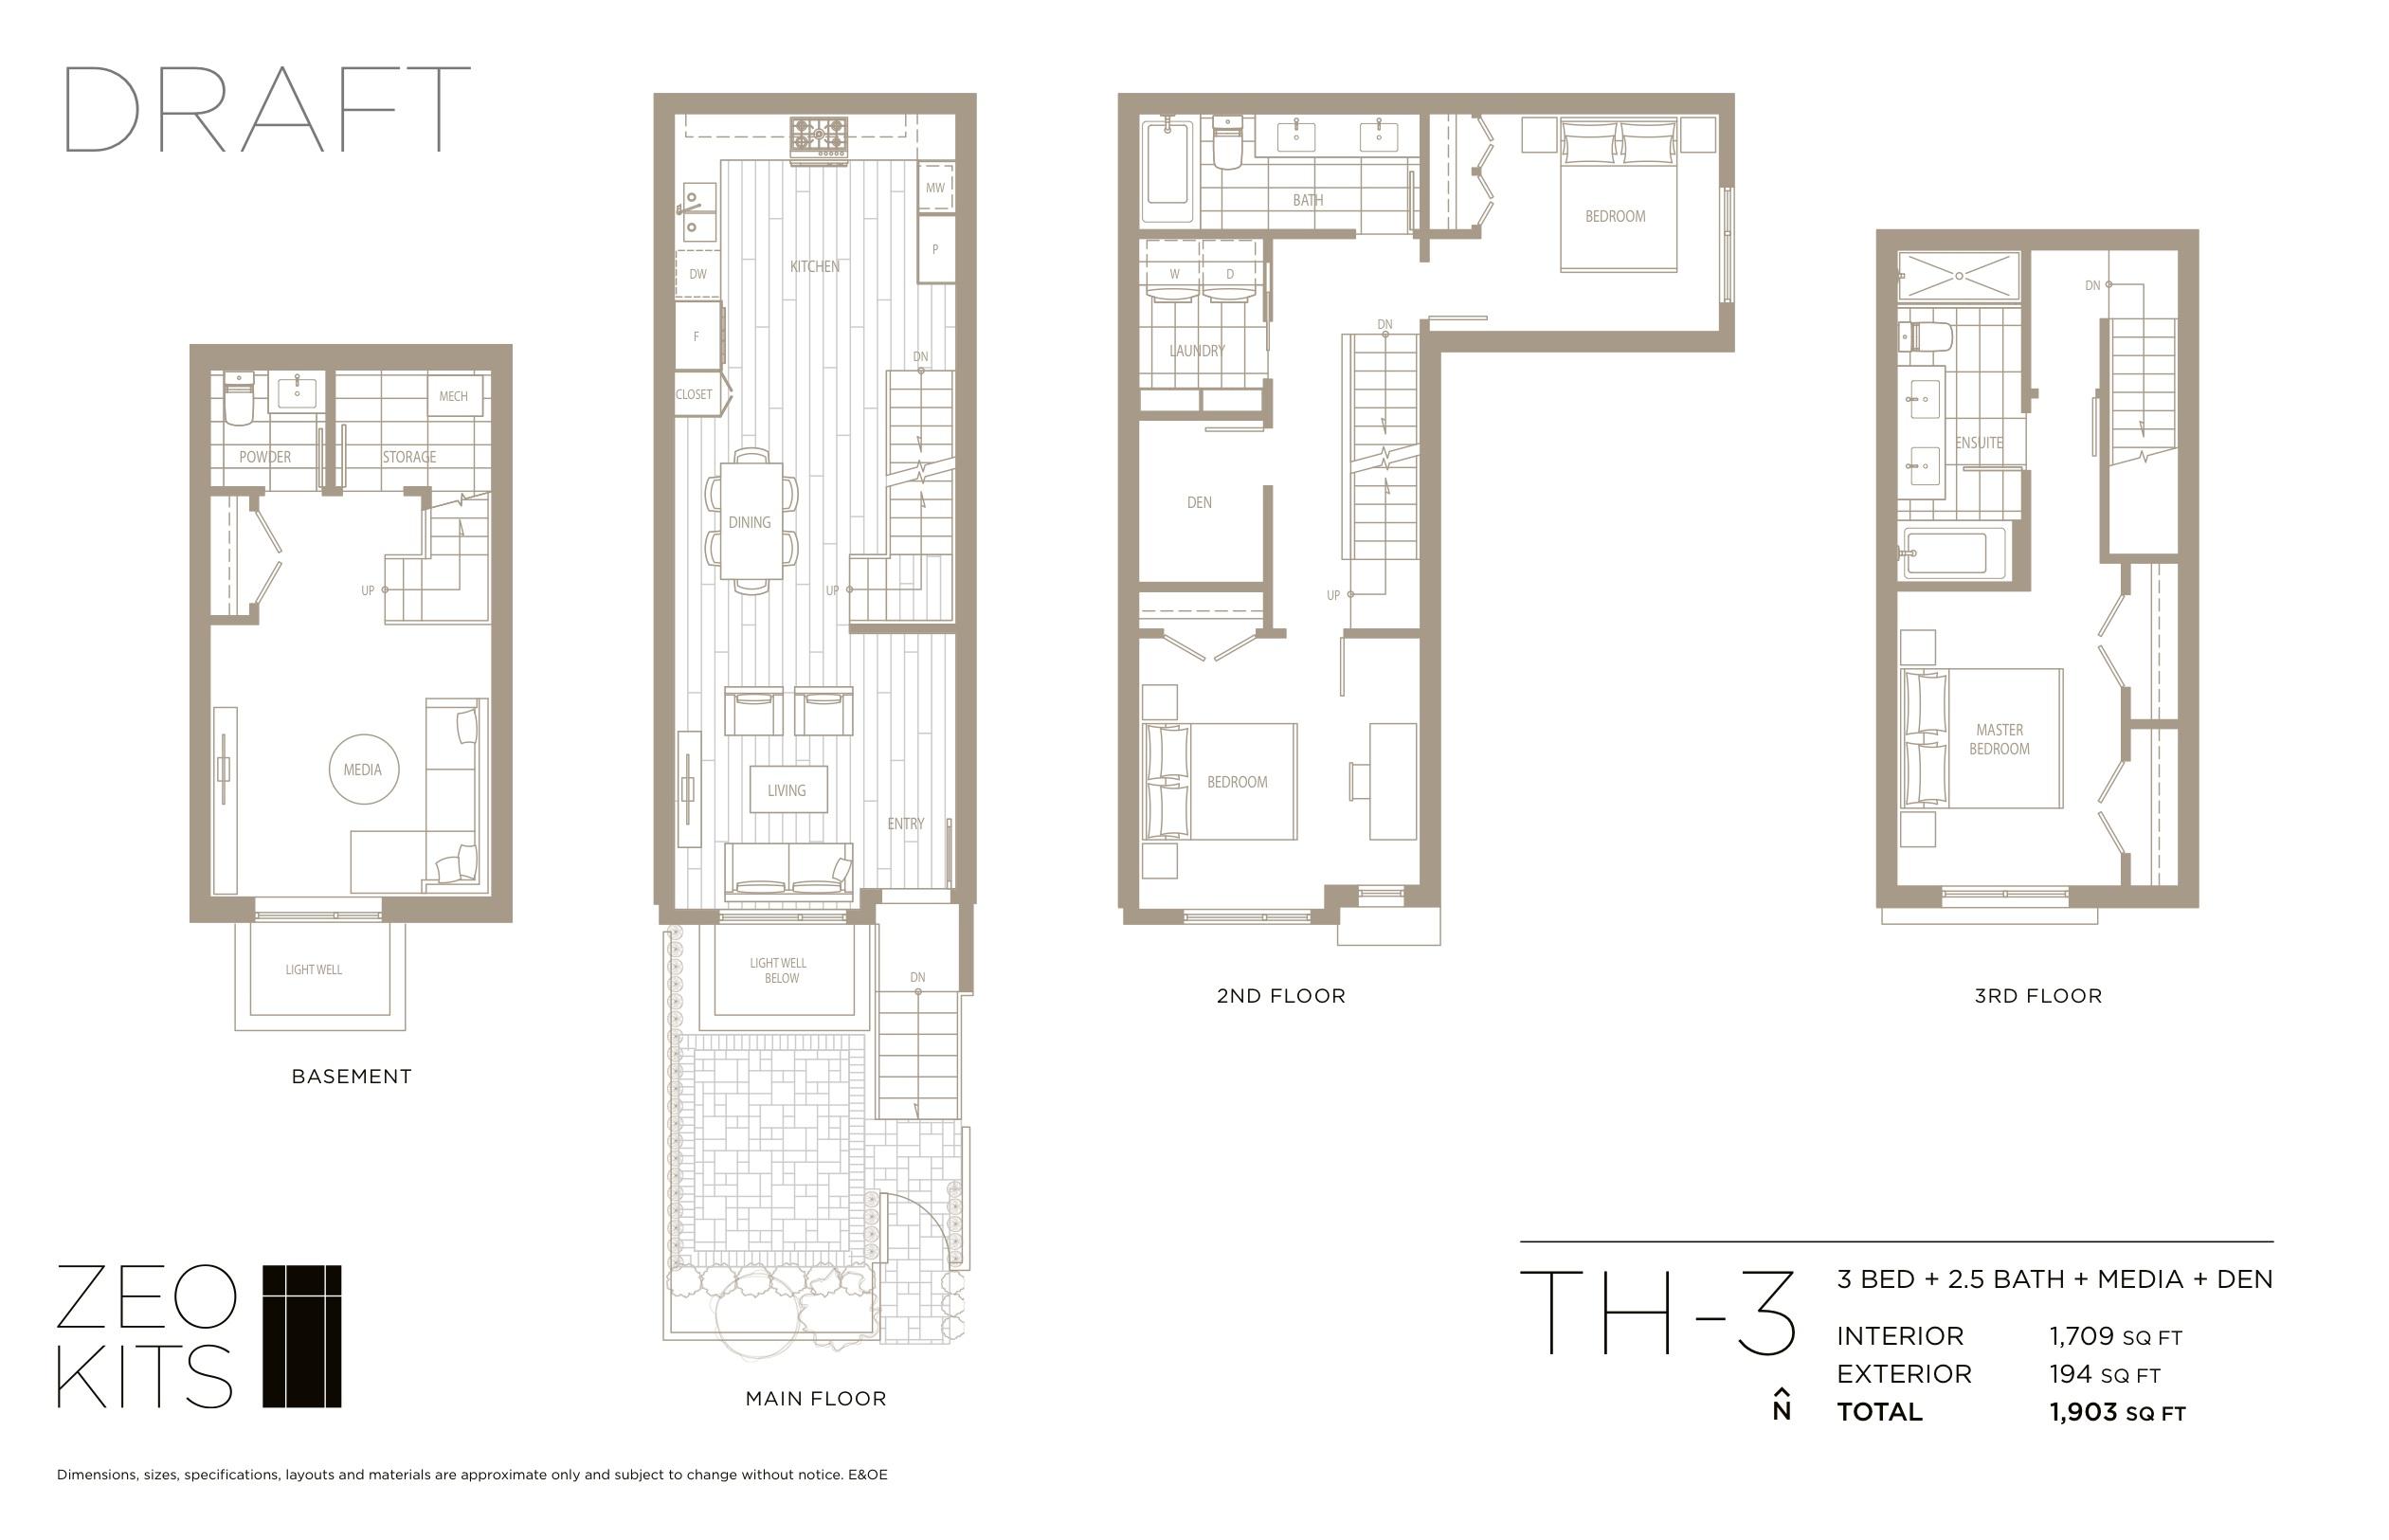 Sample 3 bed + 2.5 bath + media + den floorplan.